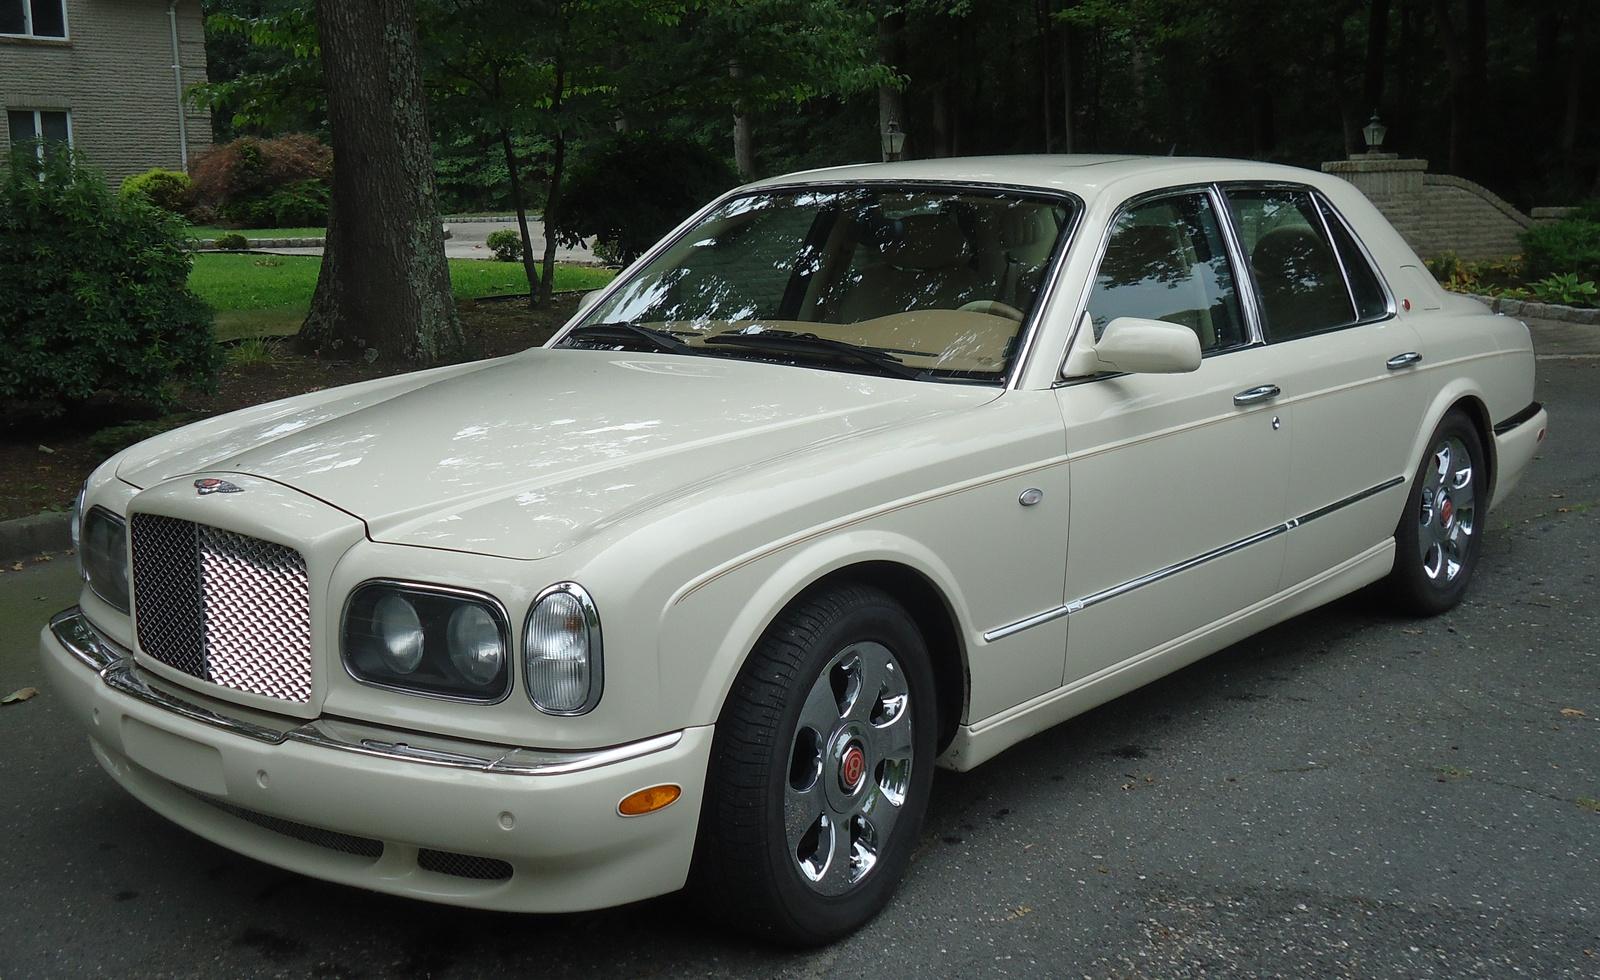 2002 Bentley Arnage Exterior Pictures Cargurus